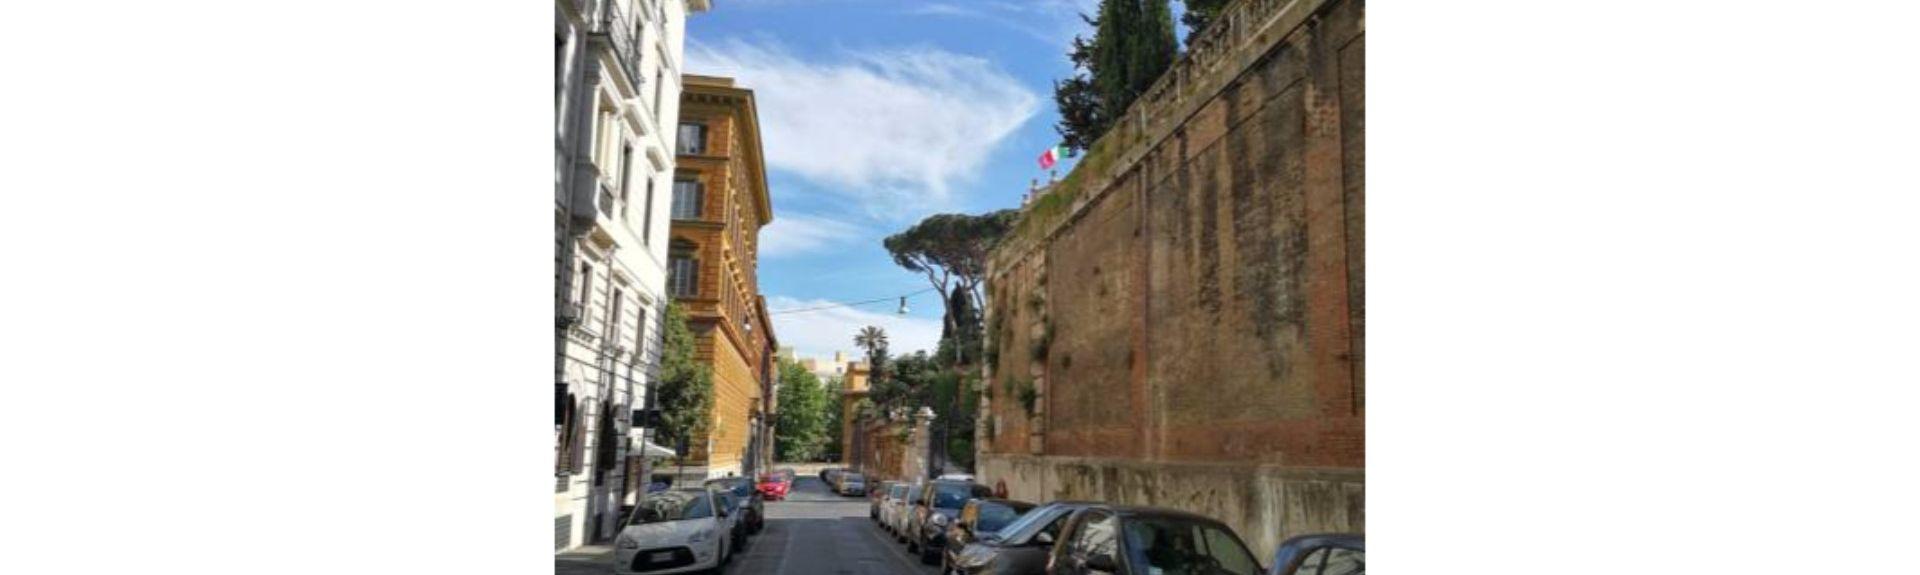 Trevifontänen, Rom, Lazio, Italien